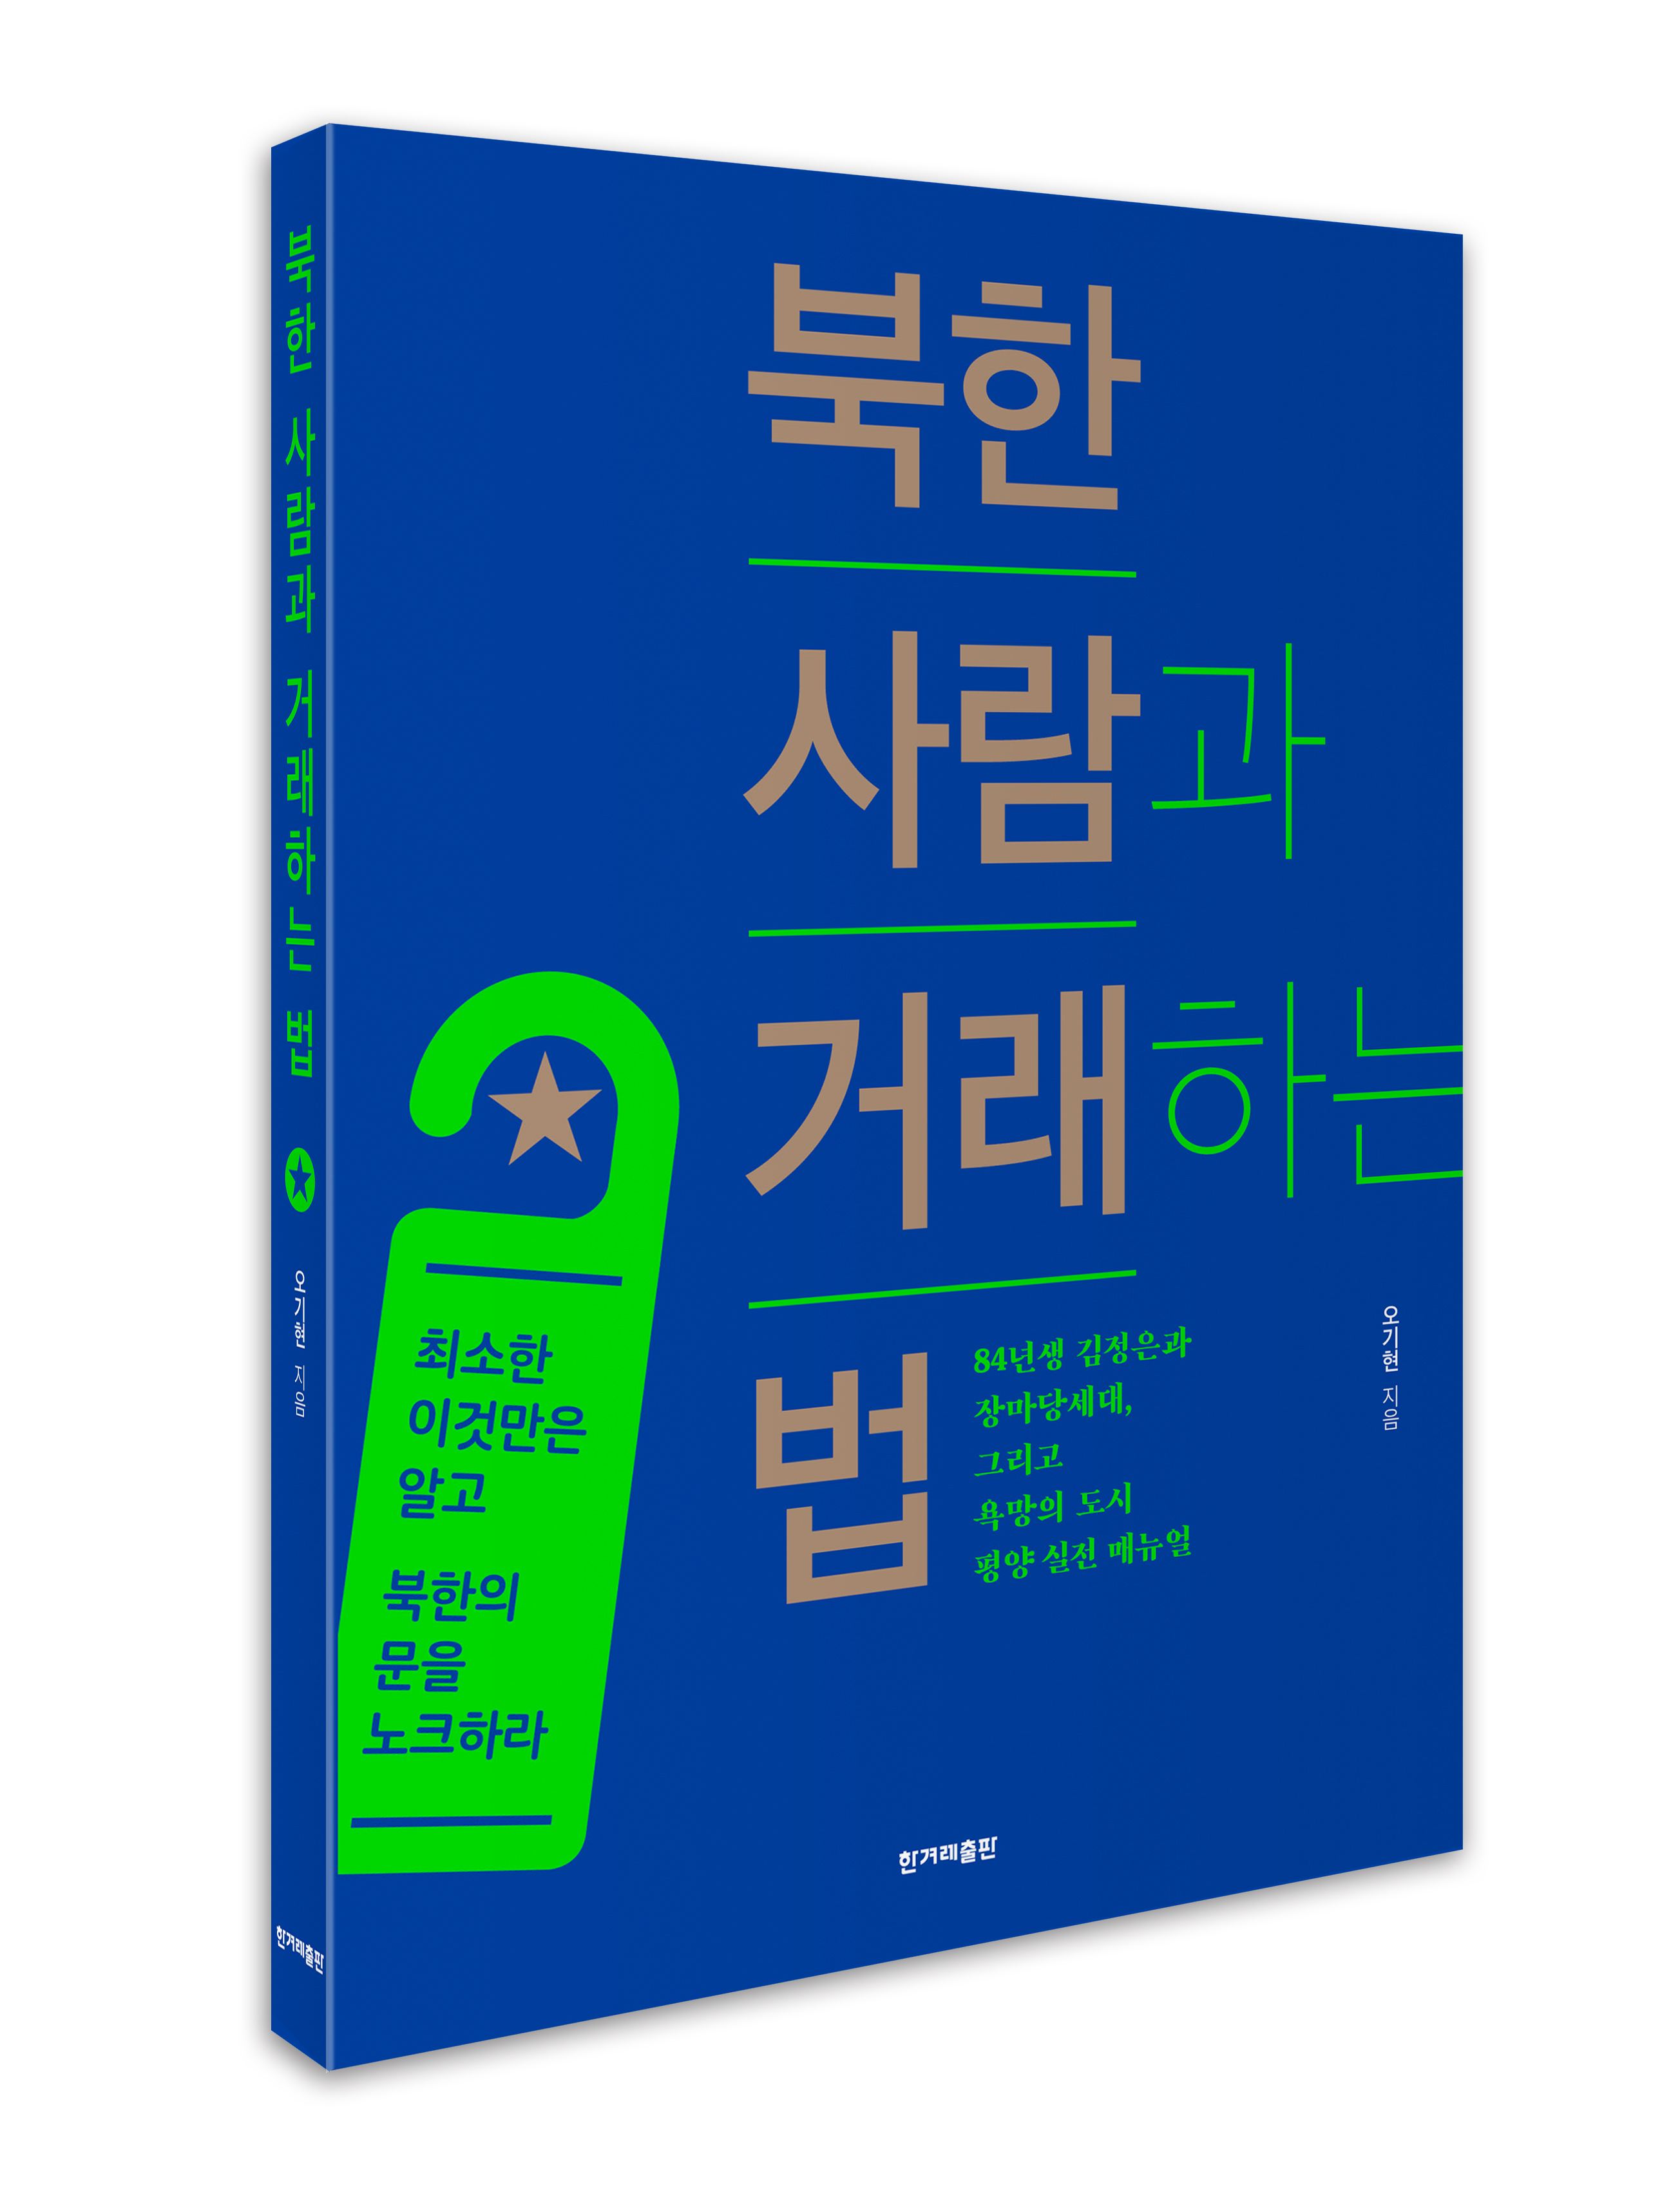 '북한사람과 거래하는 법'.. 북한 전문PD의 20년 경험 총망라